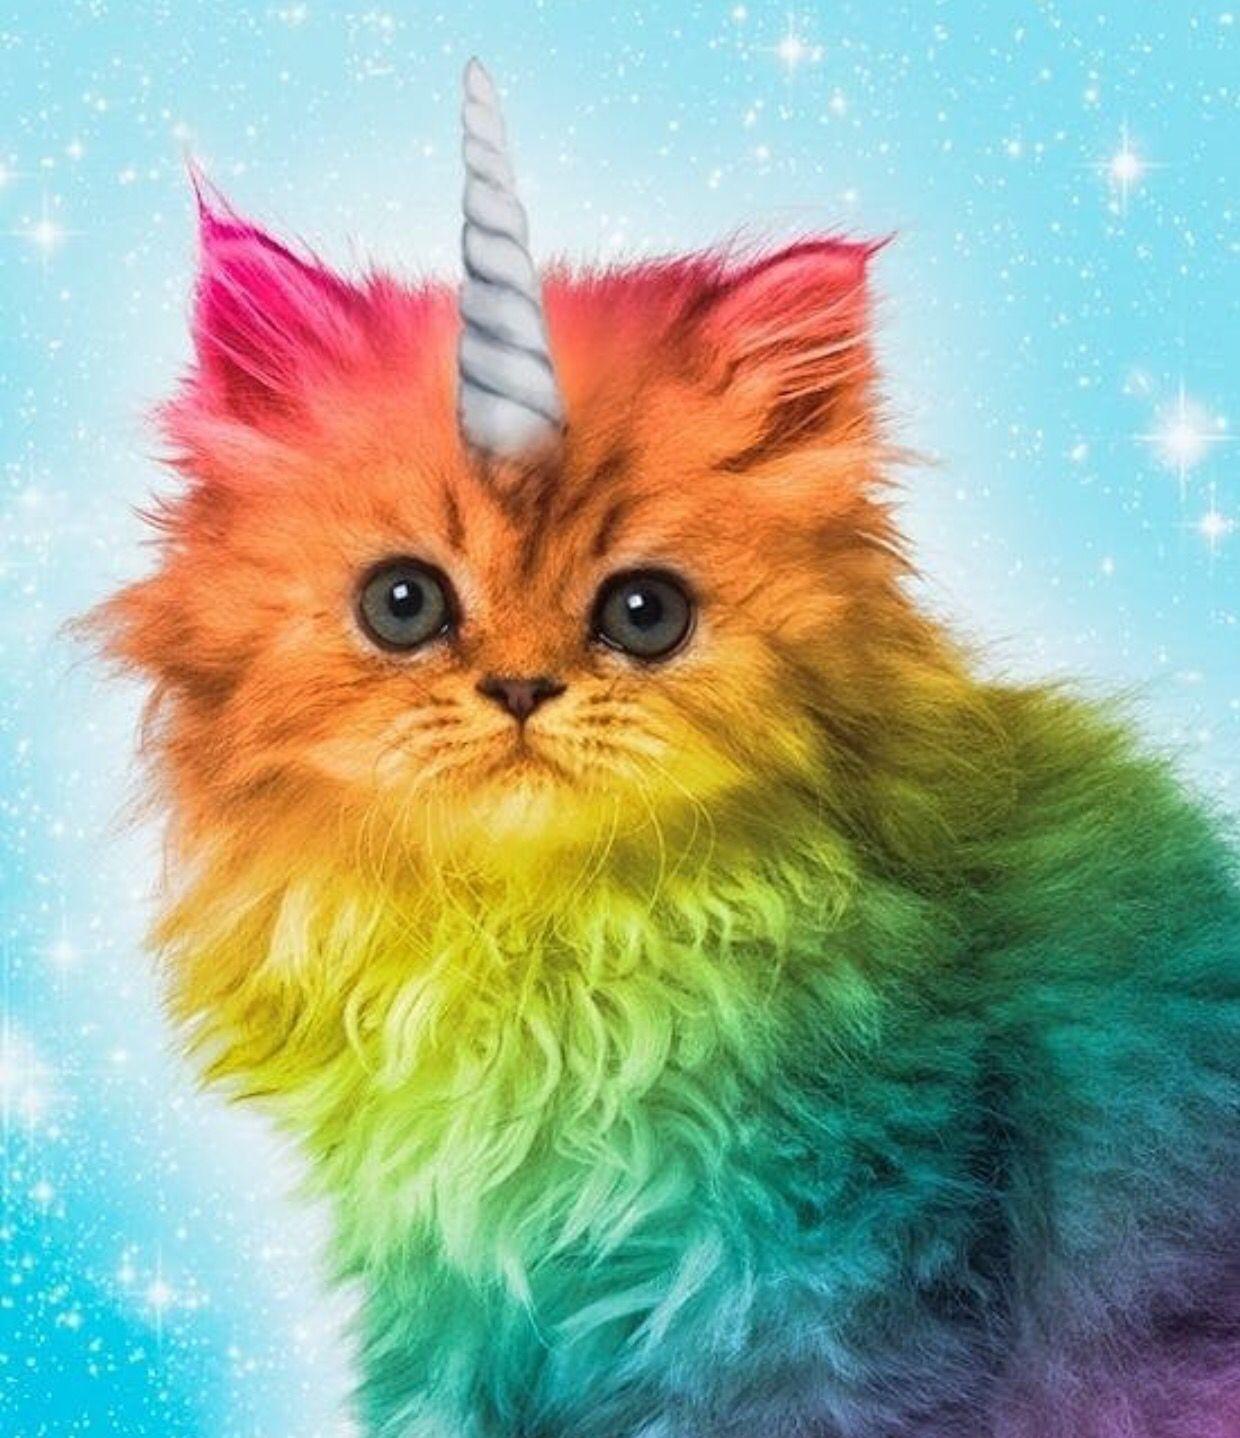 Unicorn Kitty Www Lularoejilldomme Com Posteres De Gato Animais Coloridos Desenhos De Animais Fofinhos